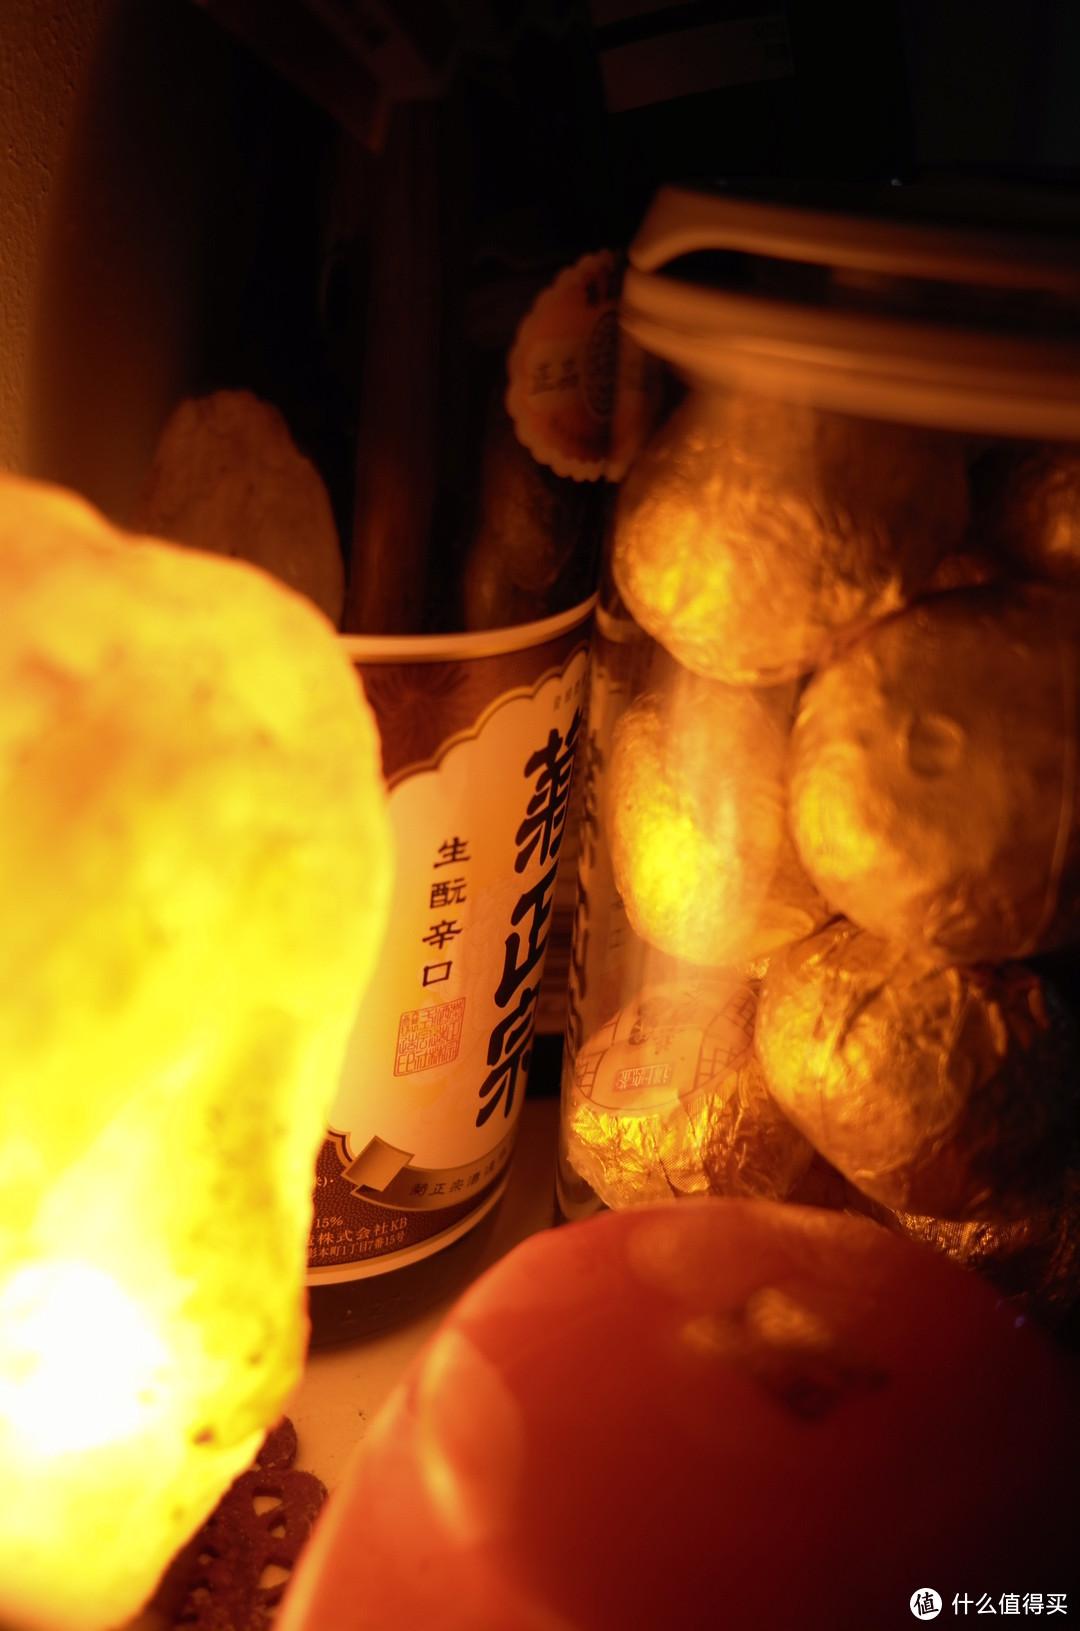 酒和茶 室内 钨丝灯 自动模式